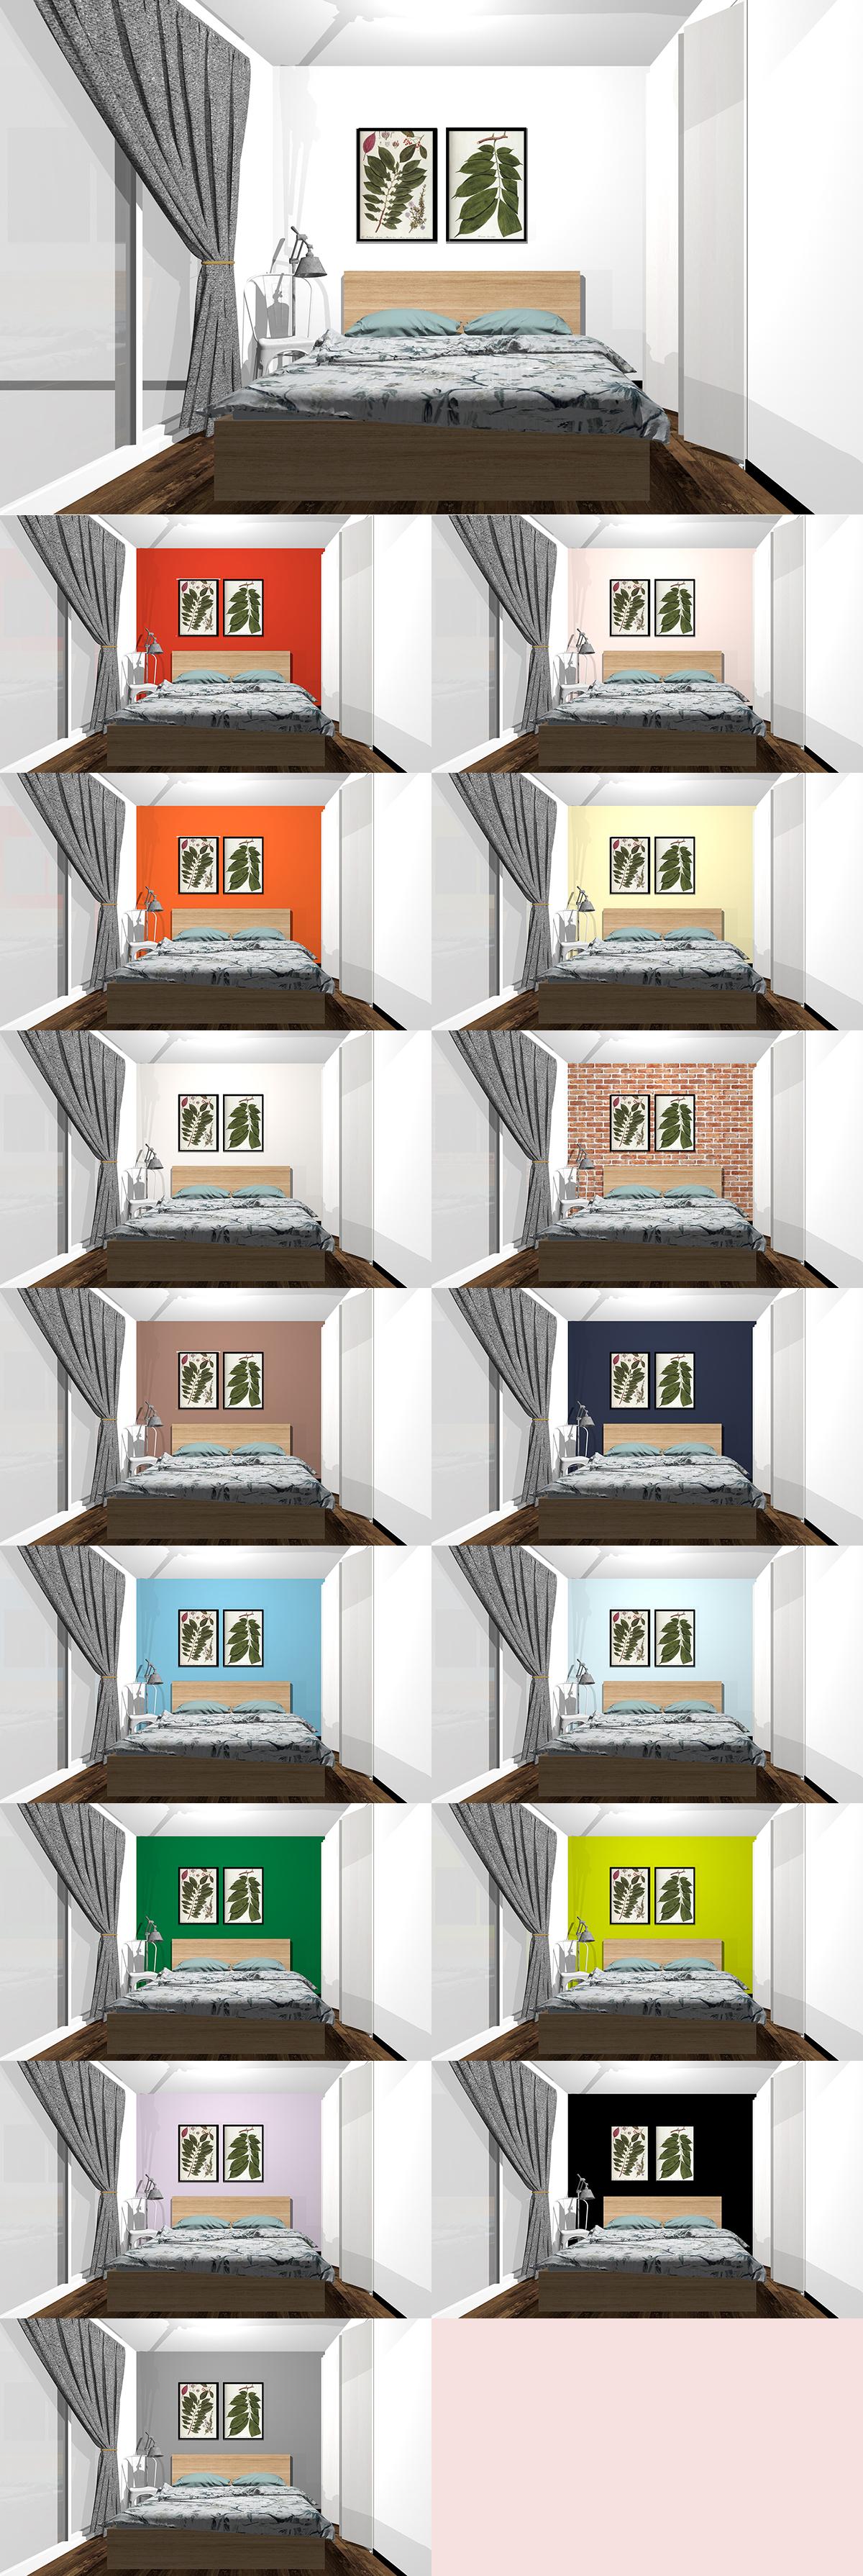 寝室の壁紙15種類の色の比較